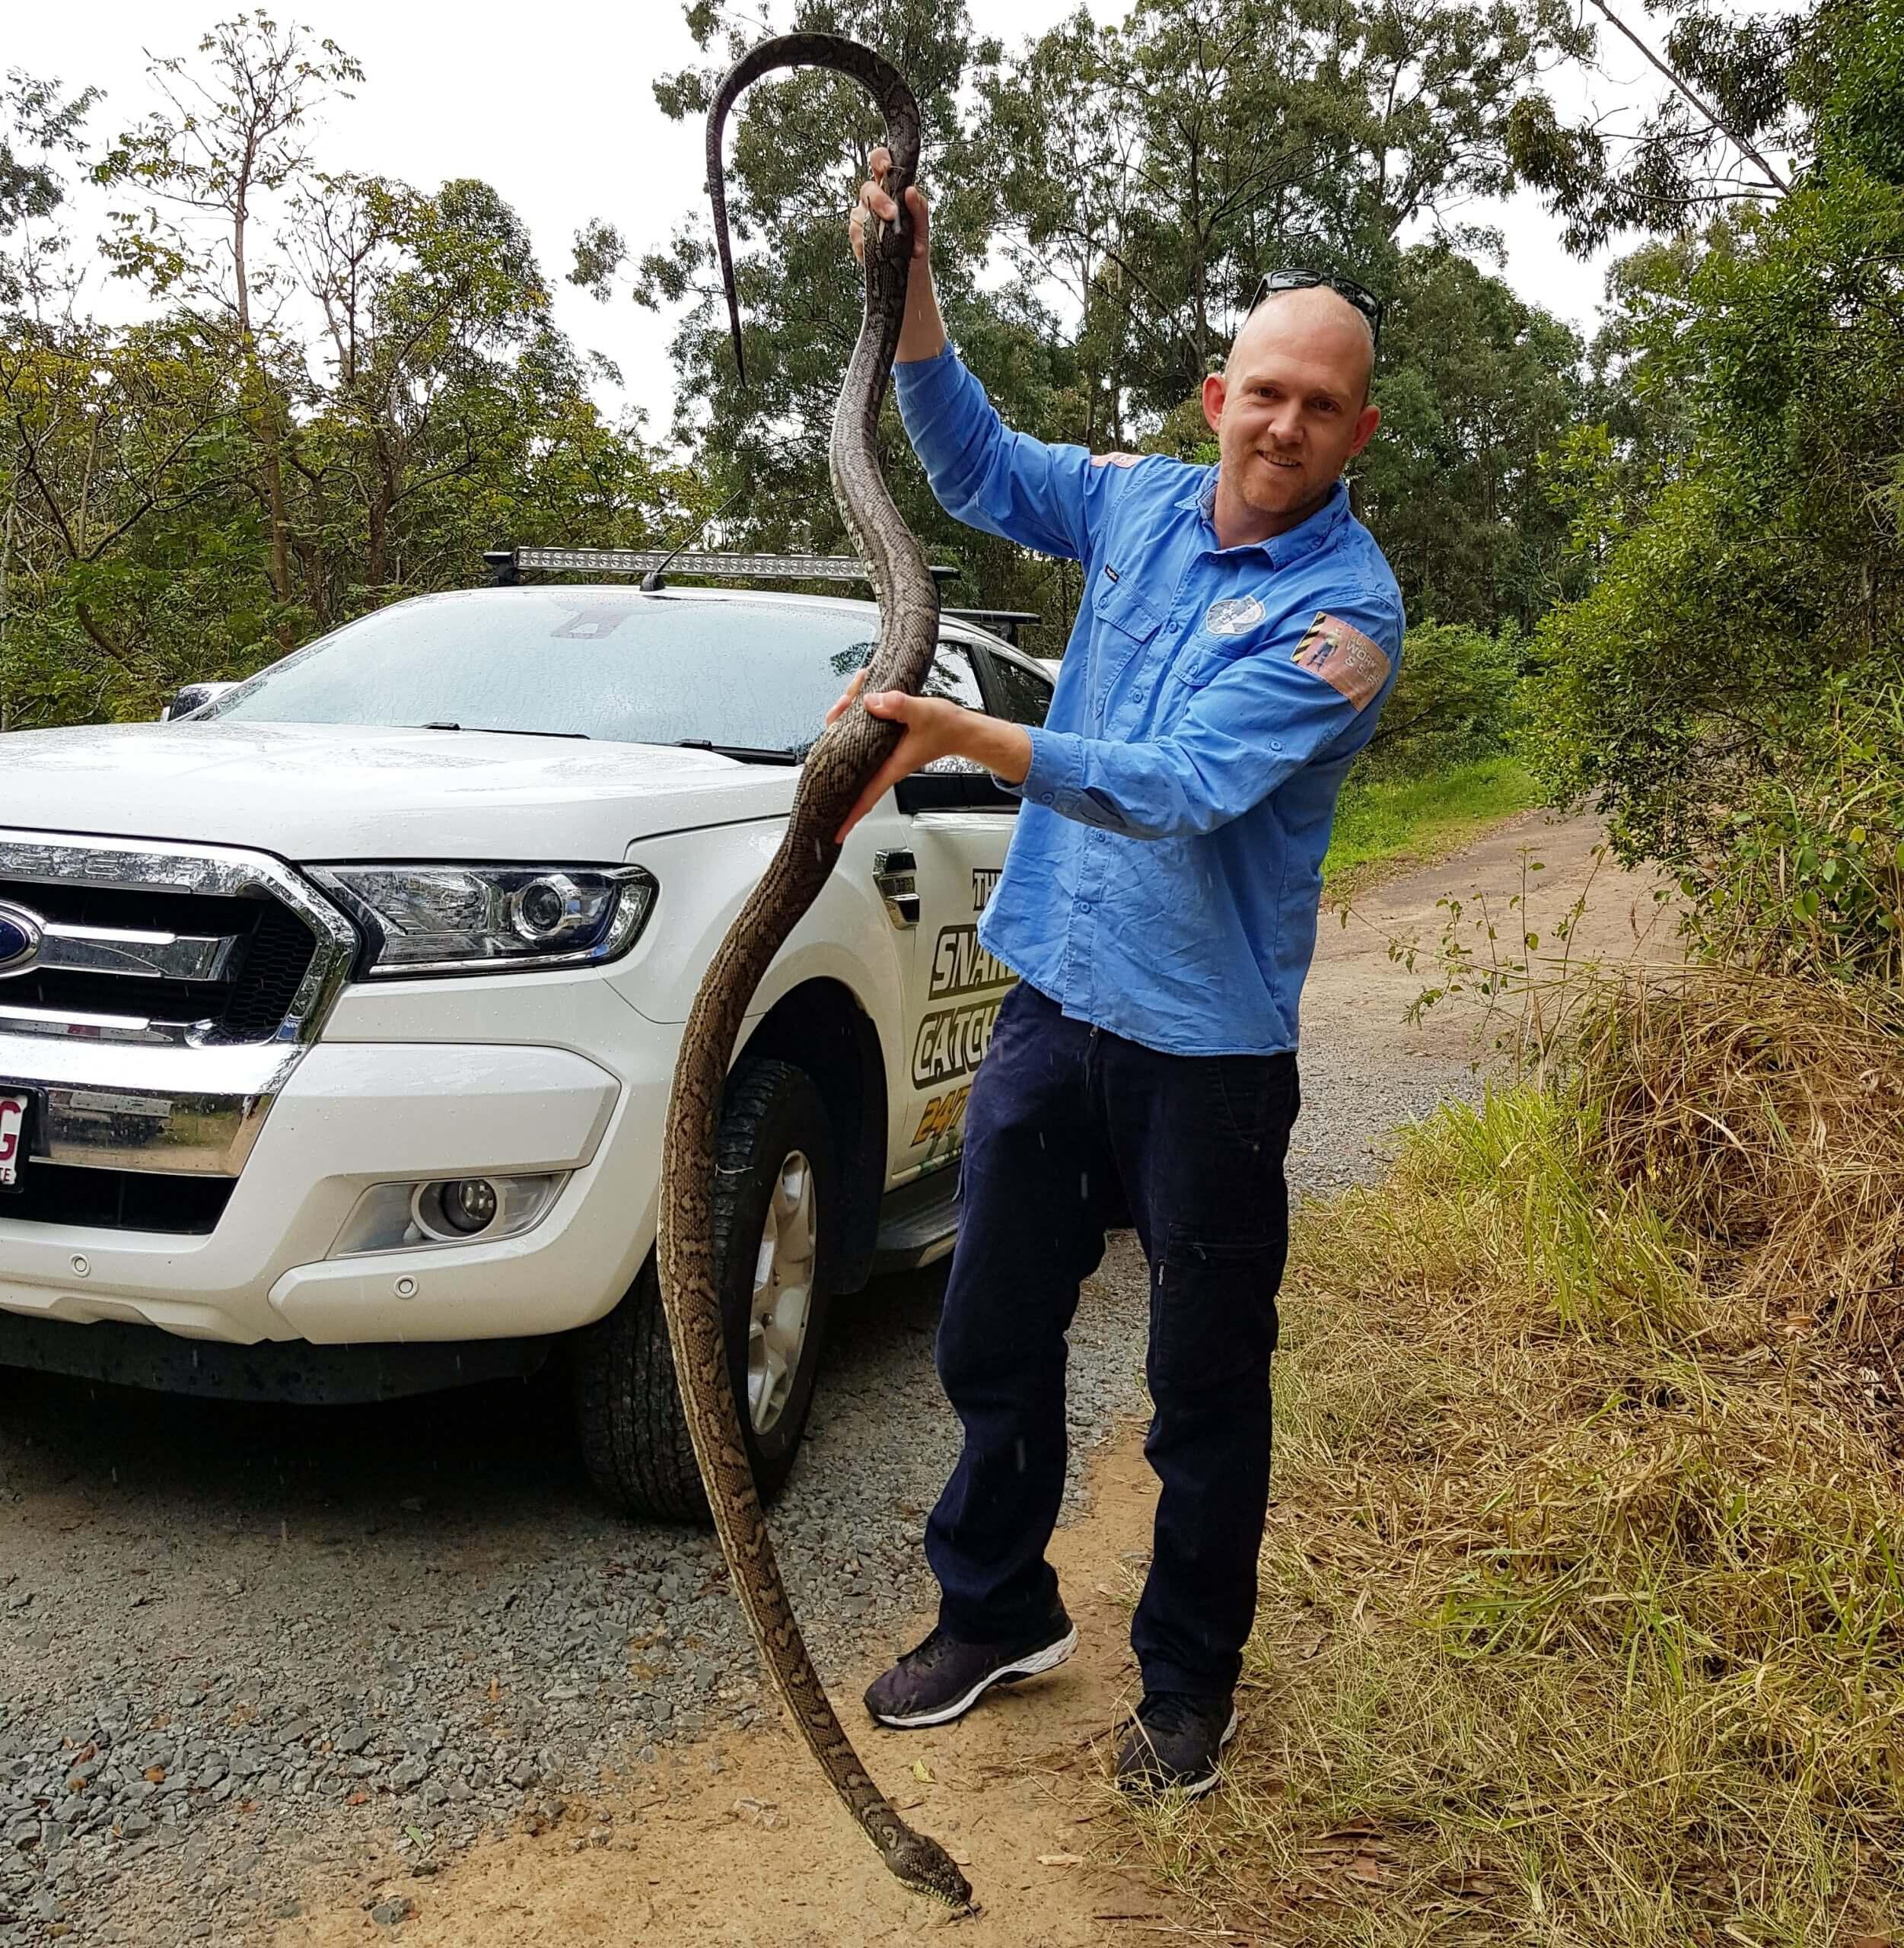 Stuart The Sunshine Coast Snake Catcher With A Python